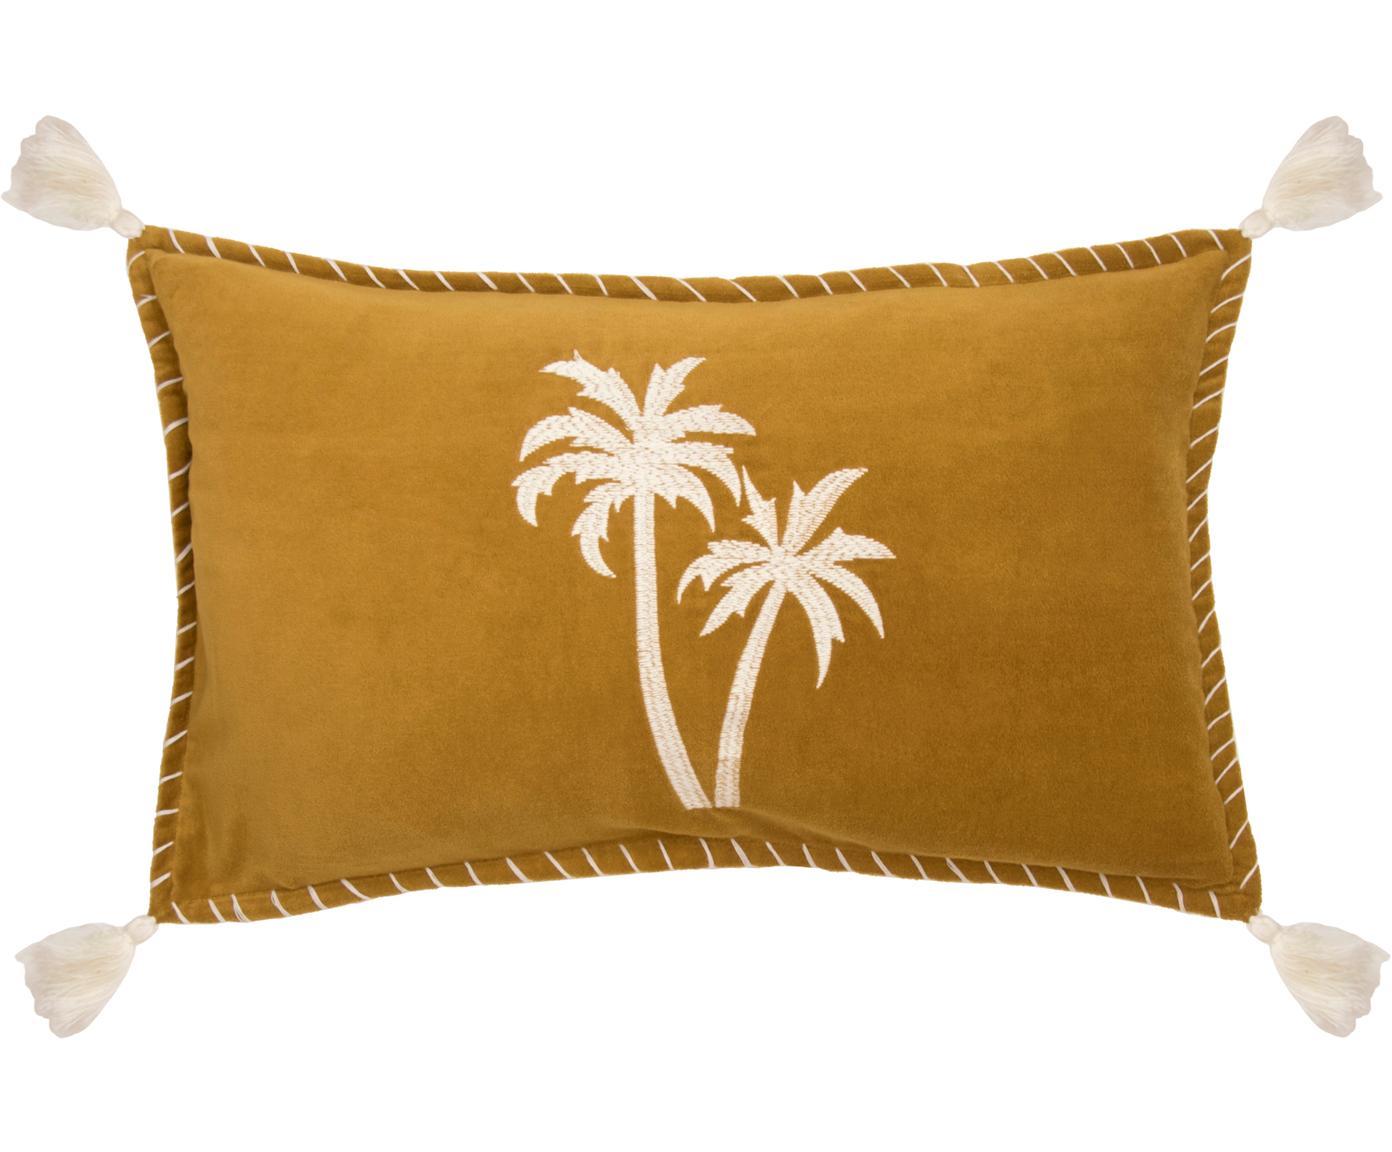 Federa arredo con ricamo e nappe Bali, 50% cotone, 50% poliestere, Giallo senape, bianco, Larg. 30 x Alt. 50 cm